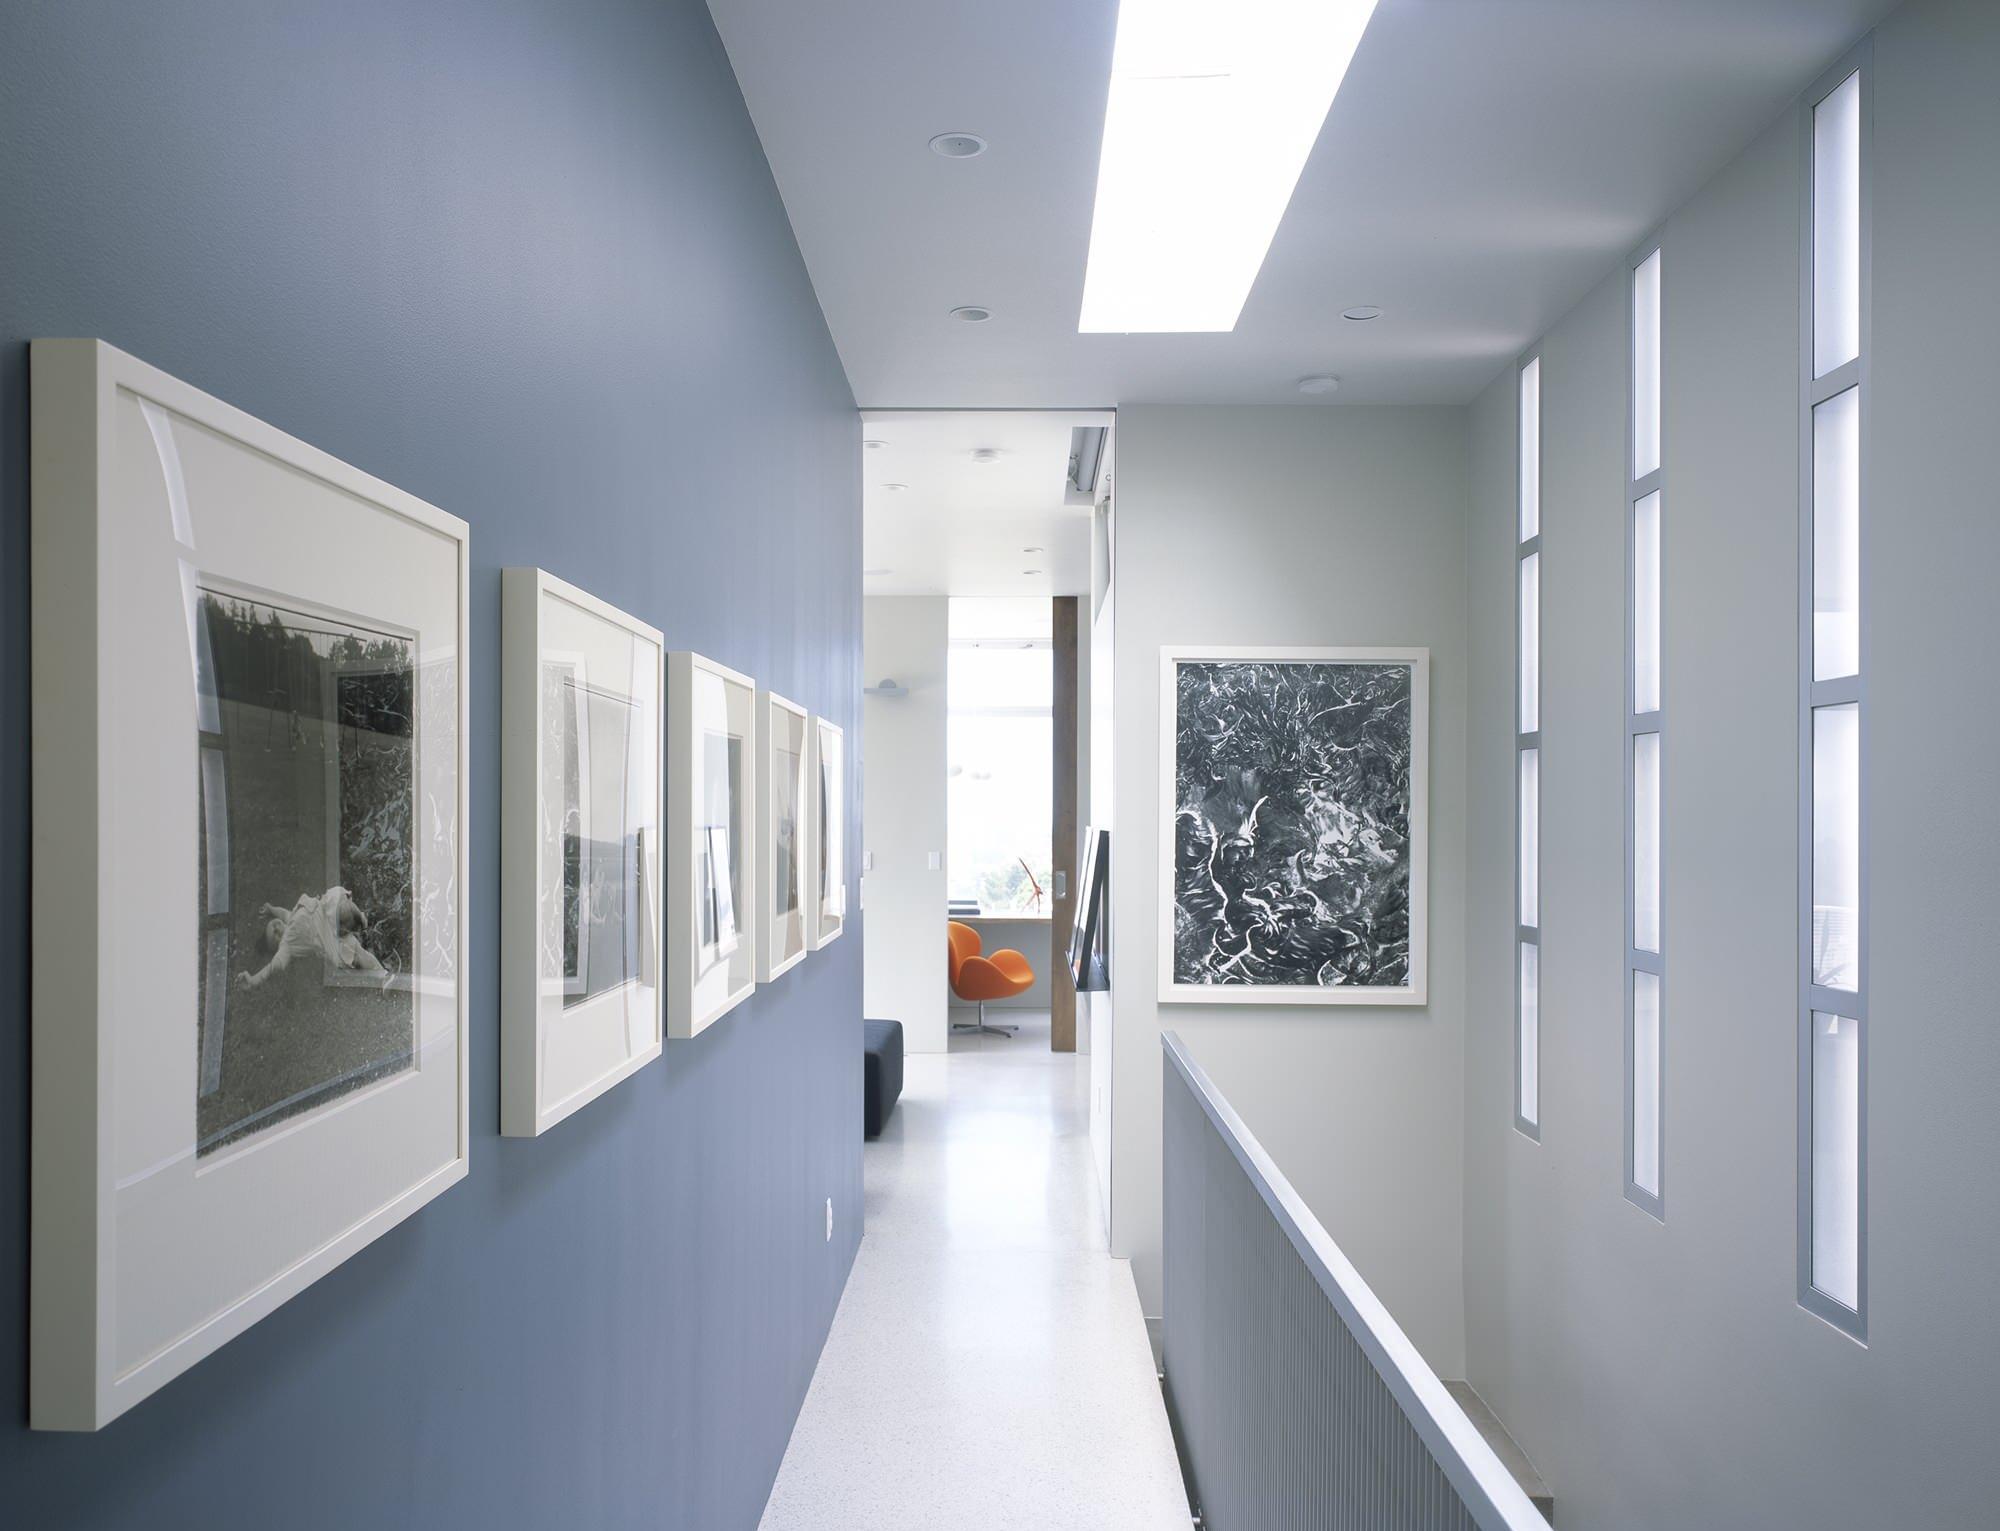 Большая световая полоса и точечные светильники в коридоре